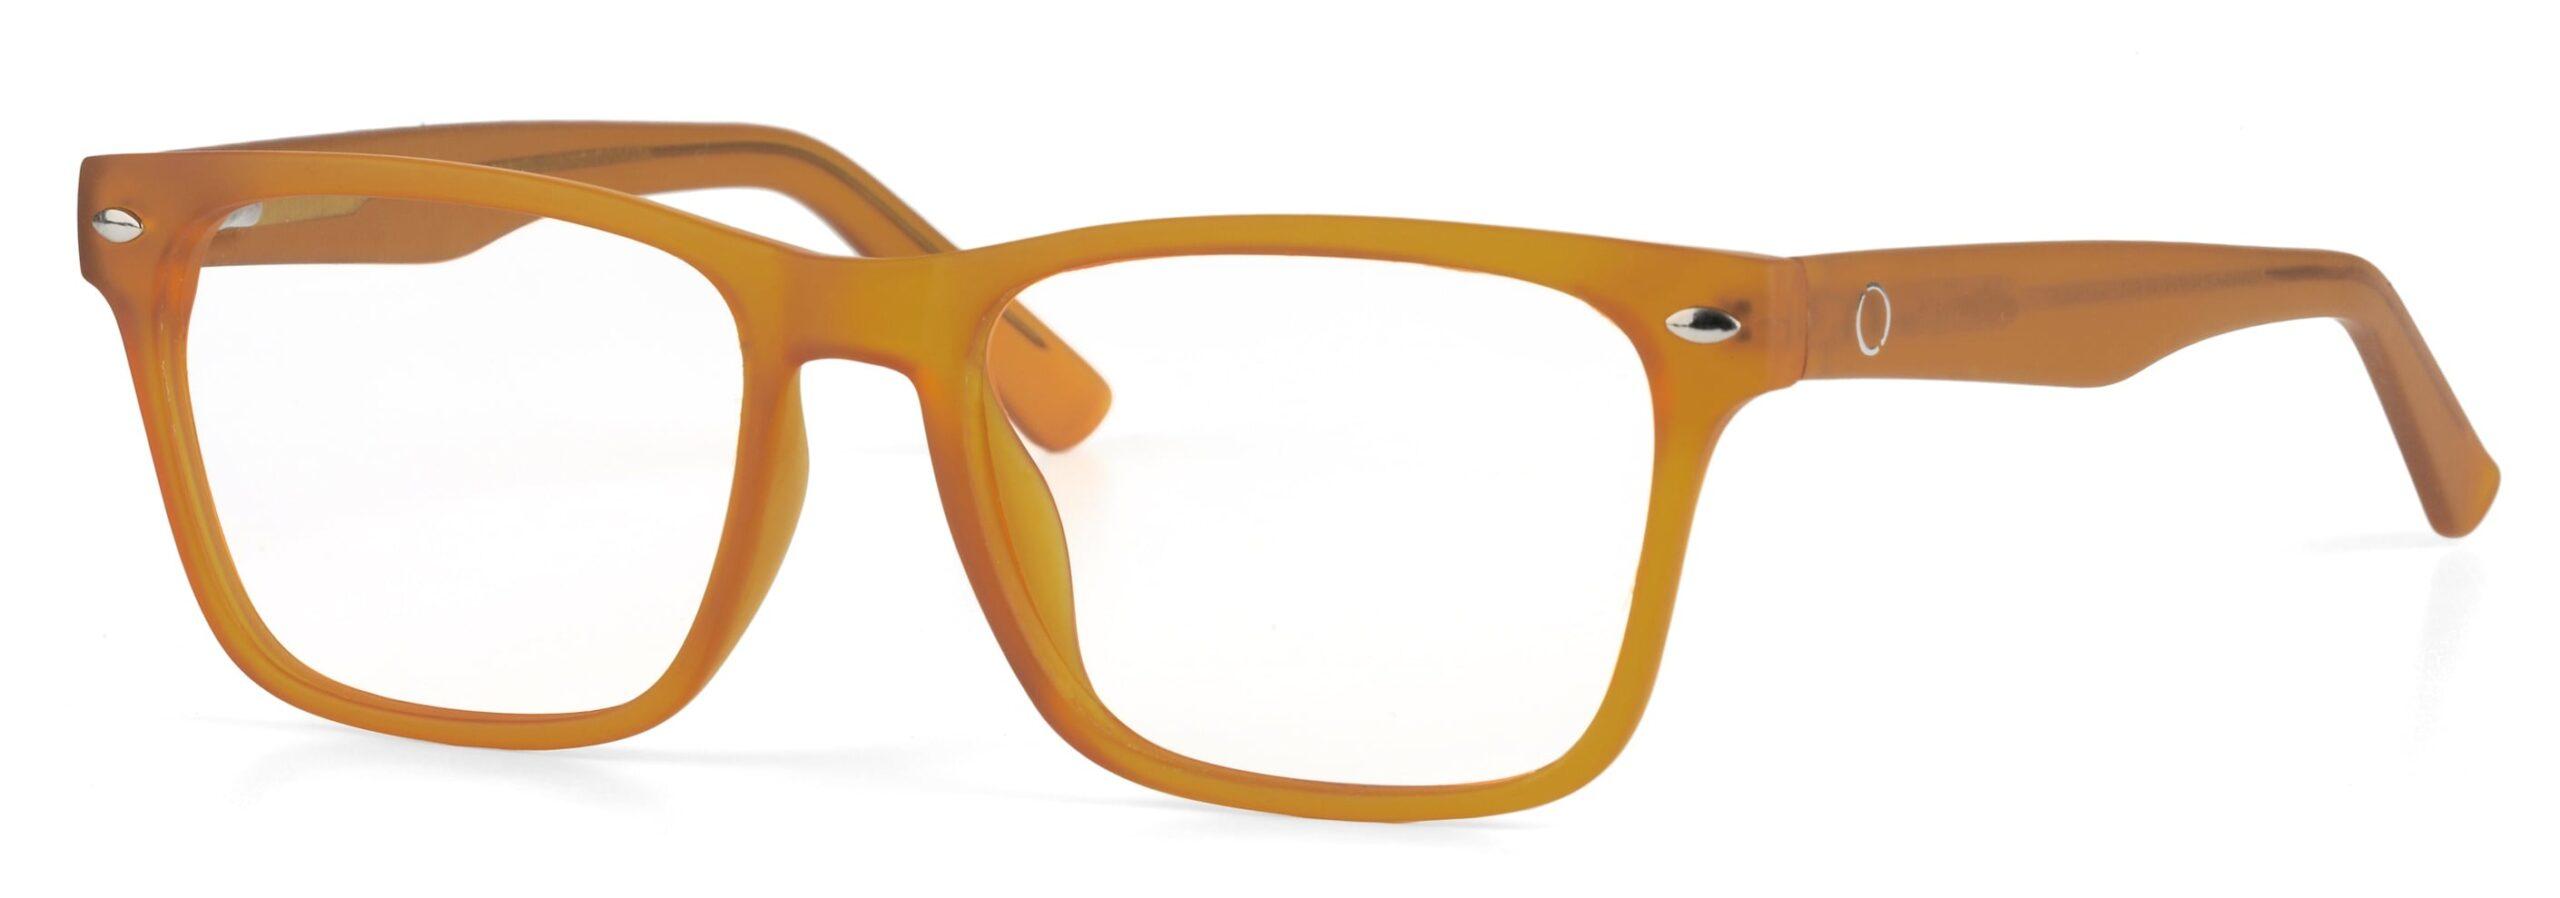 ¿Por qué hay gente que lleva gafas sin graduar para usar sus dispositivos?